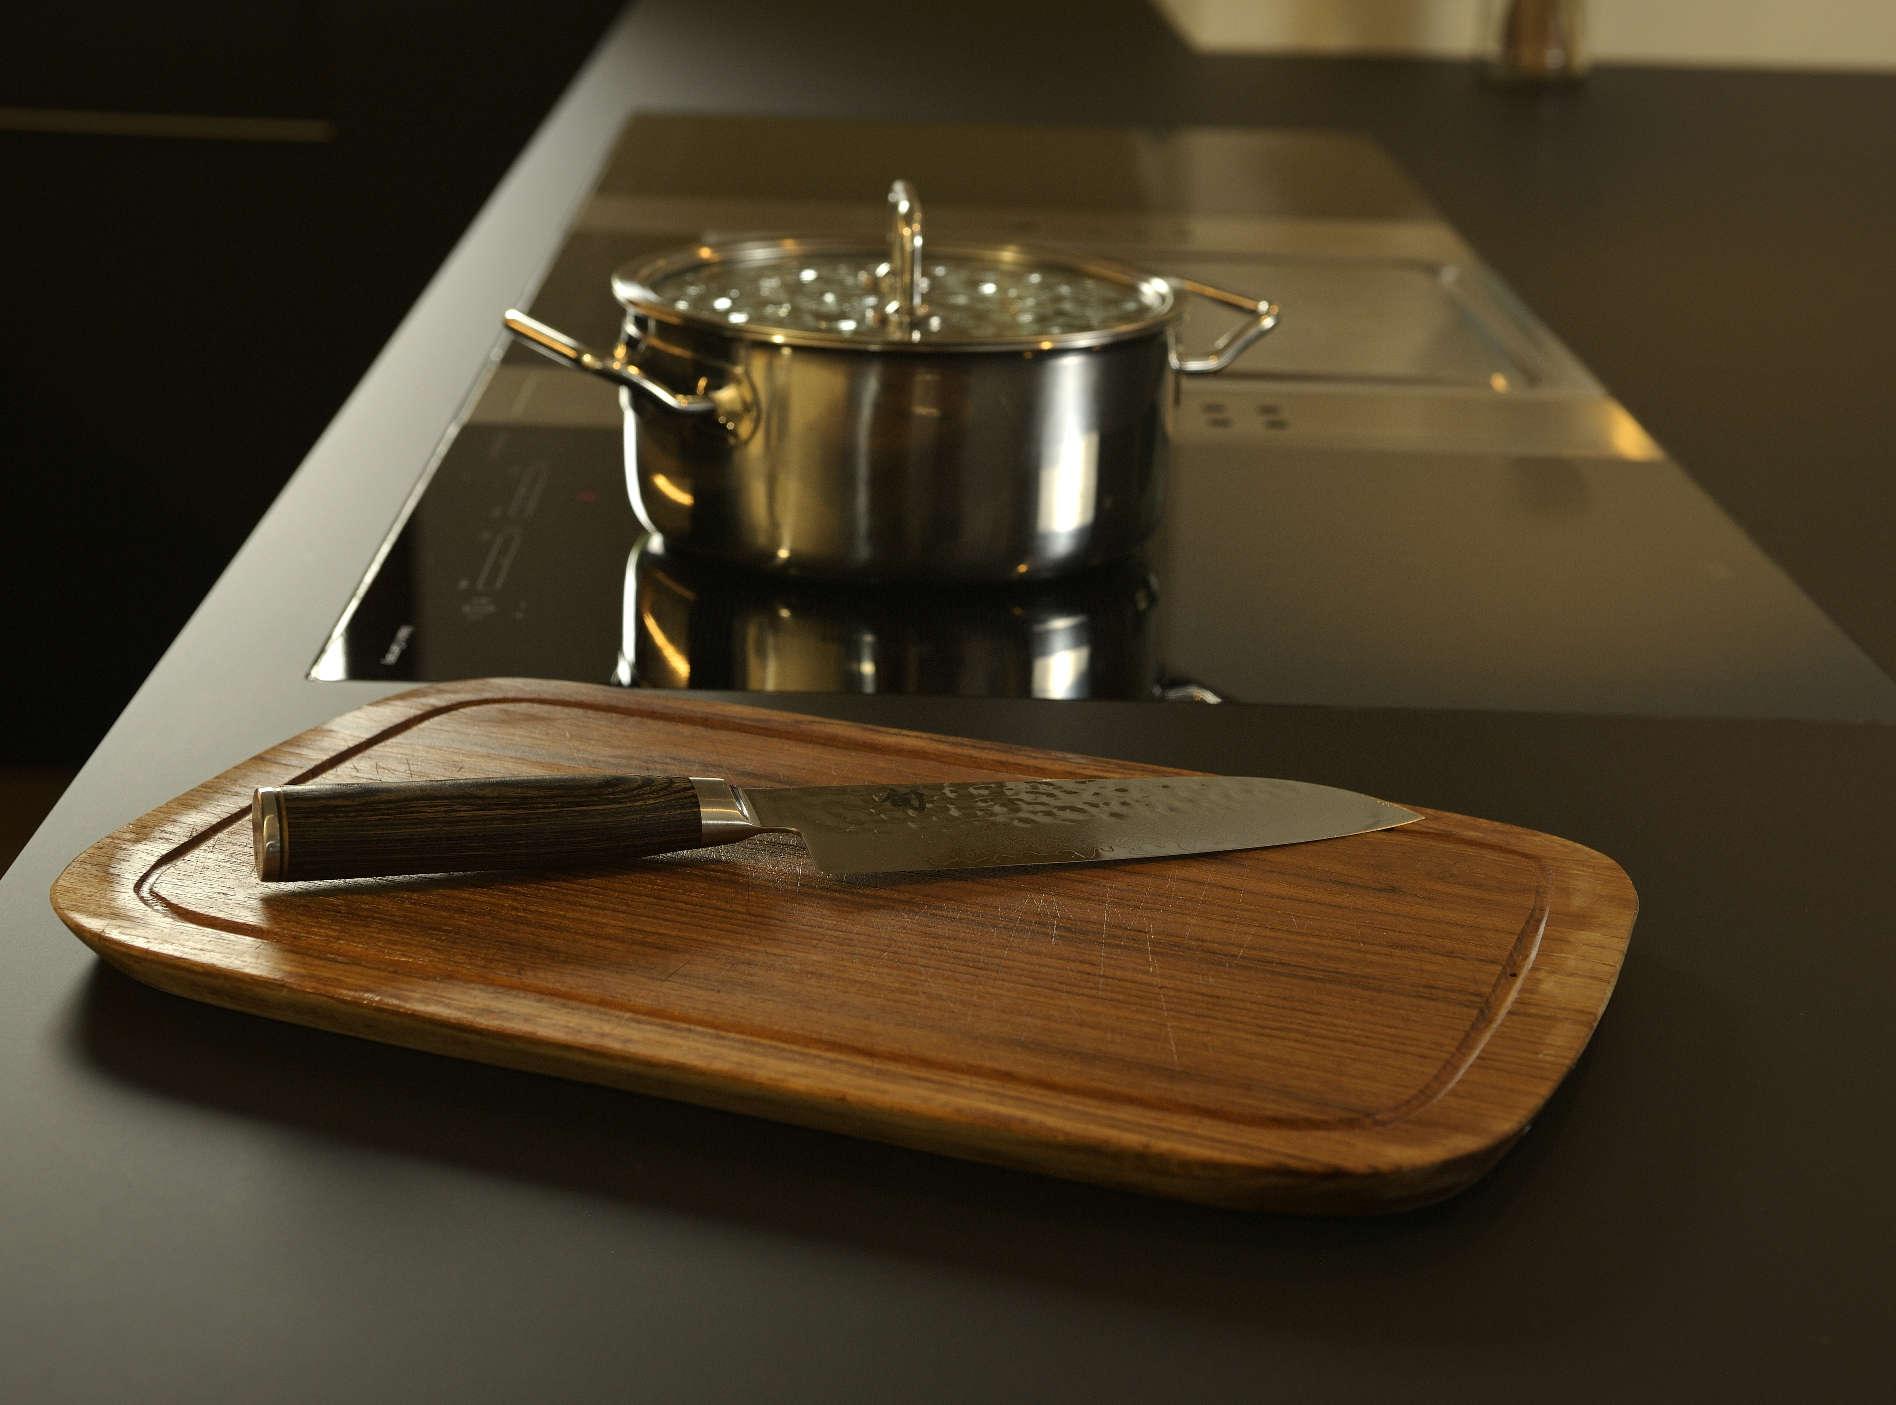 Küche matt schwarz mit eingelassenem Kochfeld, Holzbrett mit Messer auf der Arbeitsplatte